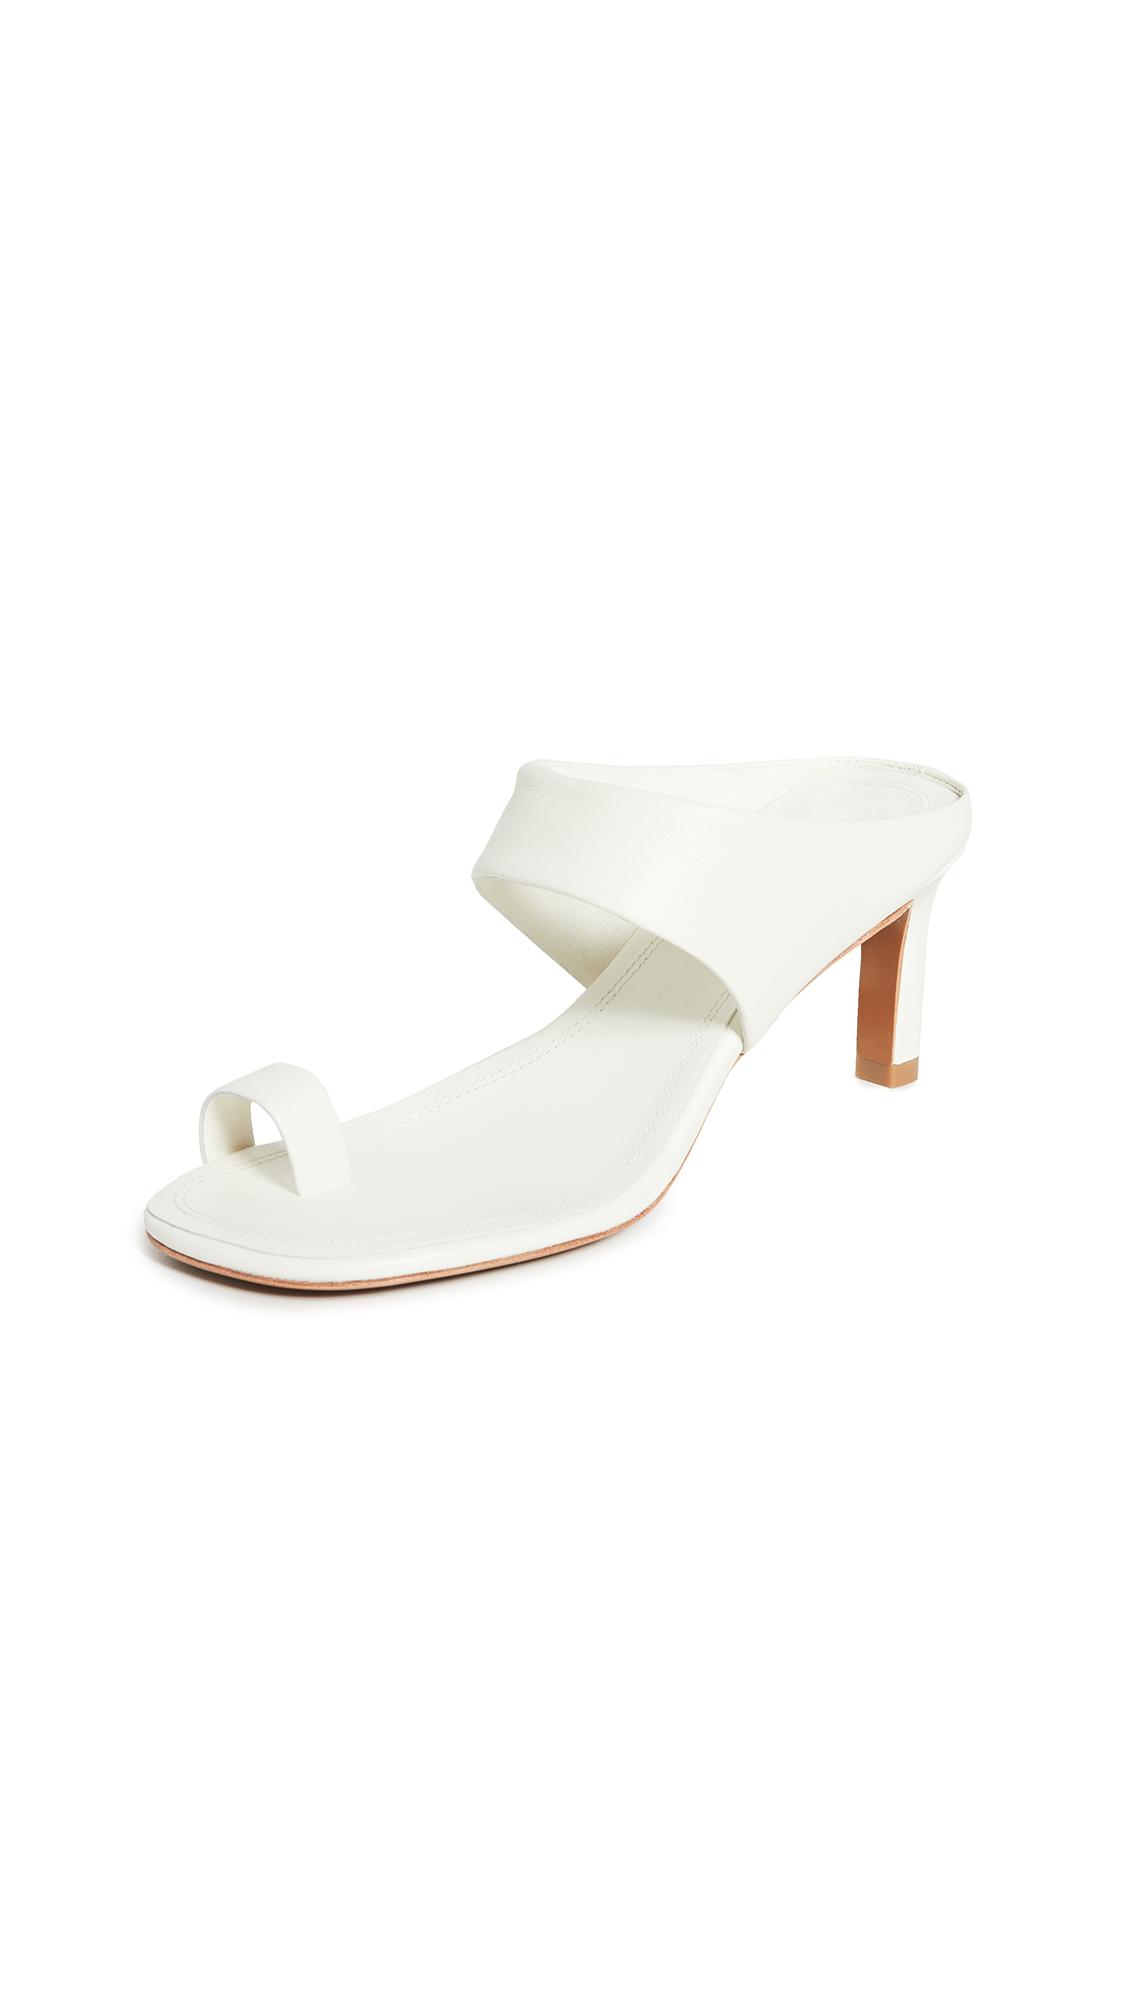 Zimmermann Strap Sandals - Pearl